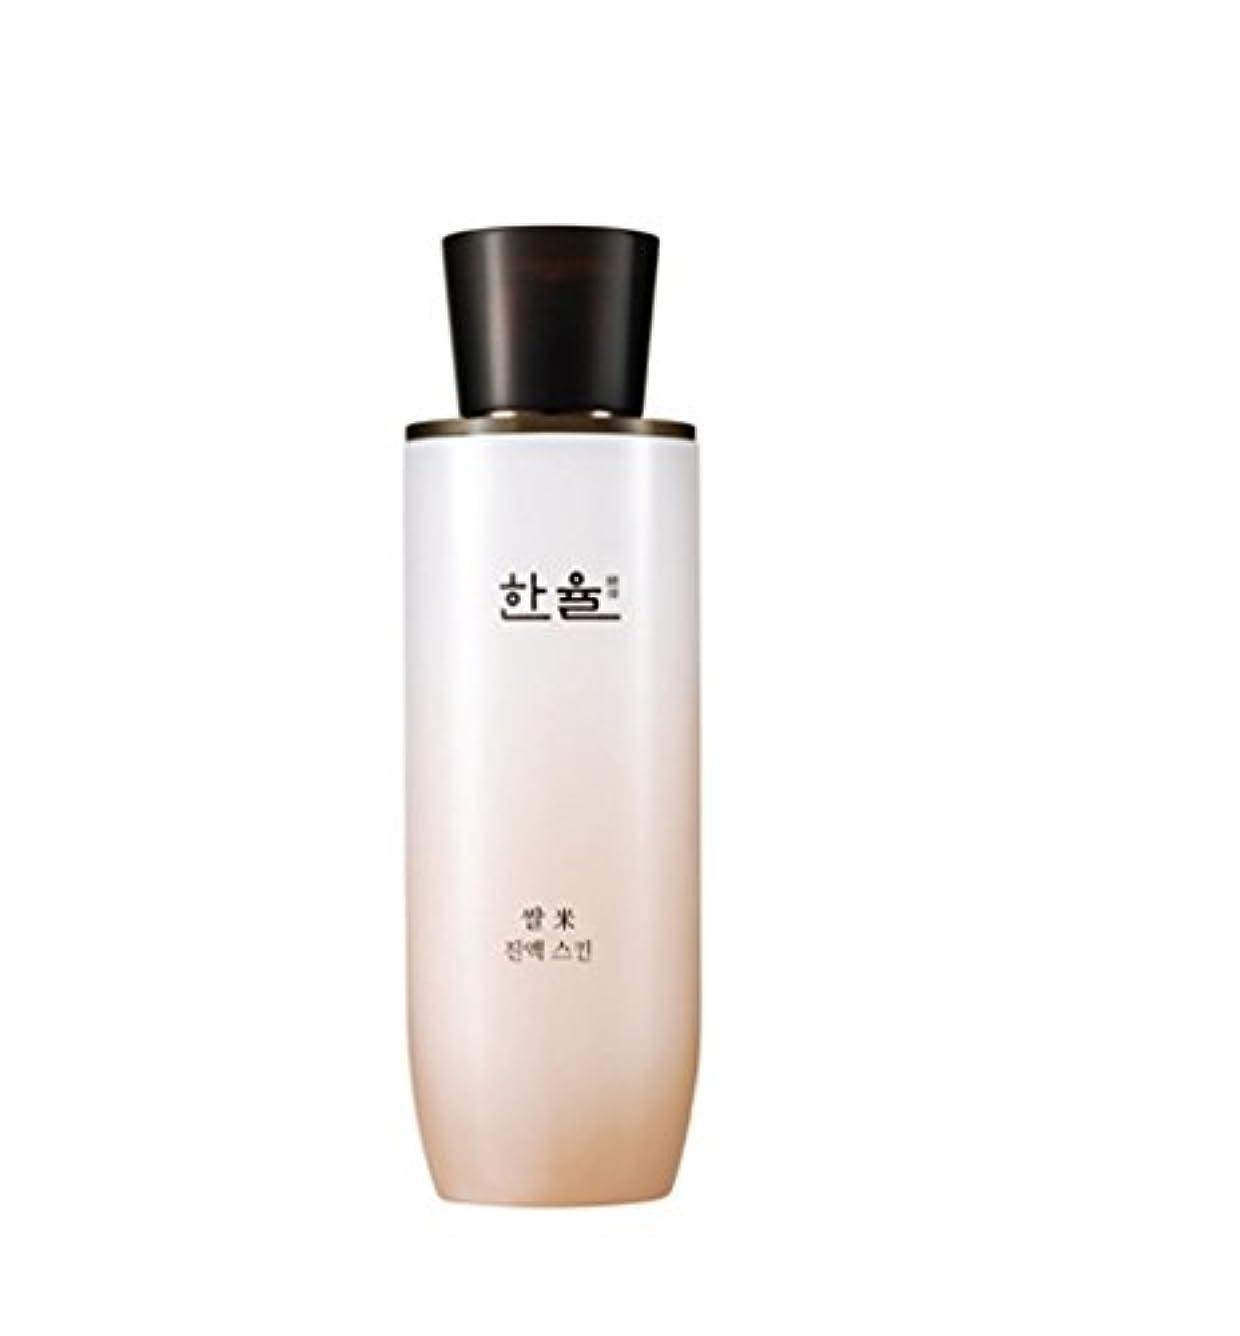 メーカーパラシュートドアミラー(ハンユル) HANYUL 韓律ライス(米) 津液スキン150ml or 津液エマルジョン125ml/Rice Essential Skin Softner or Emulsion 海外直送品 (津液スキン150ml)